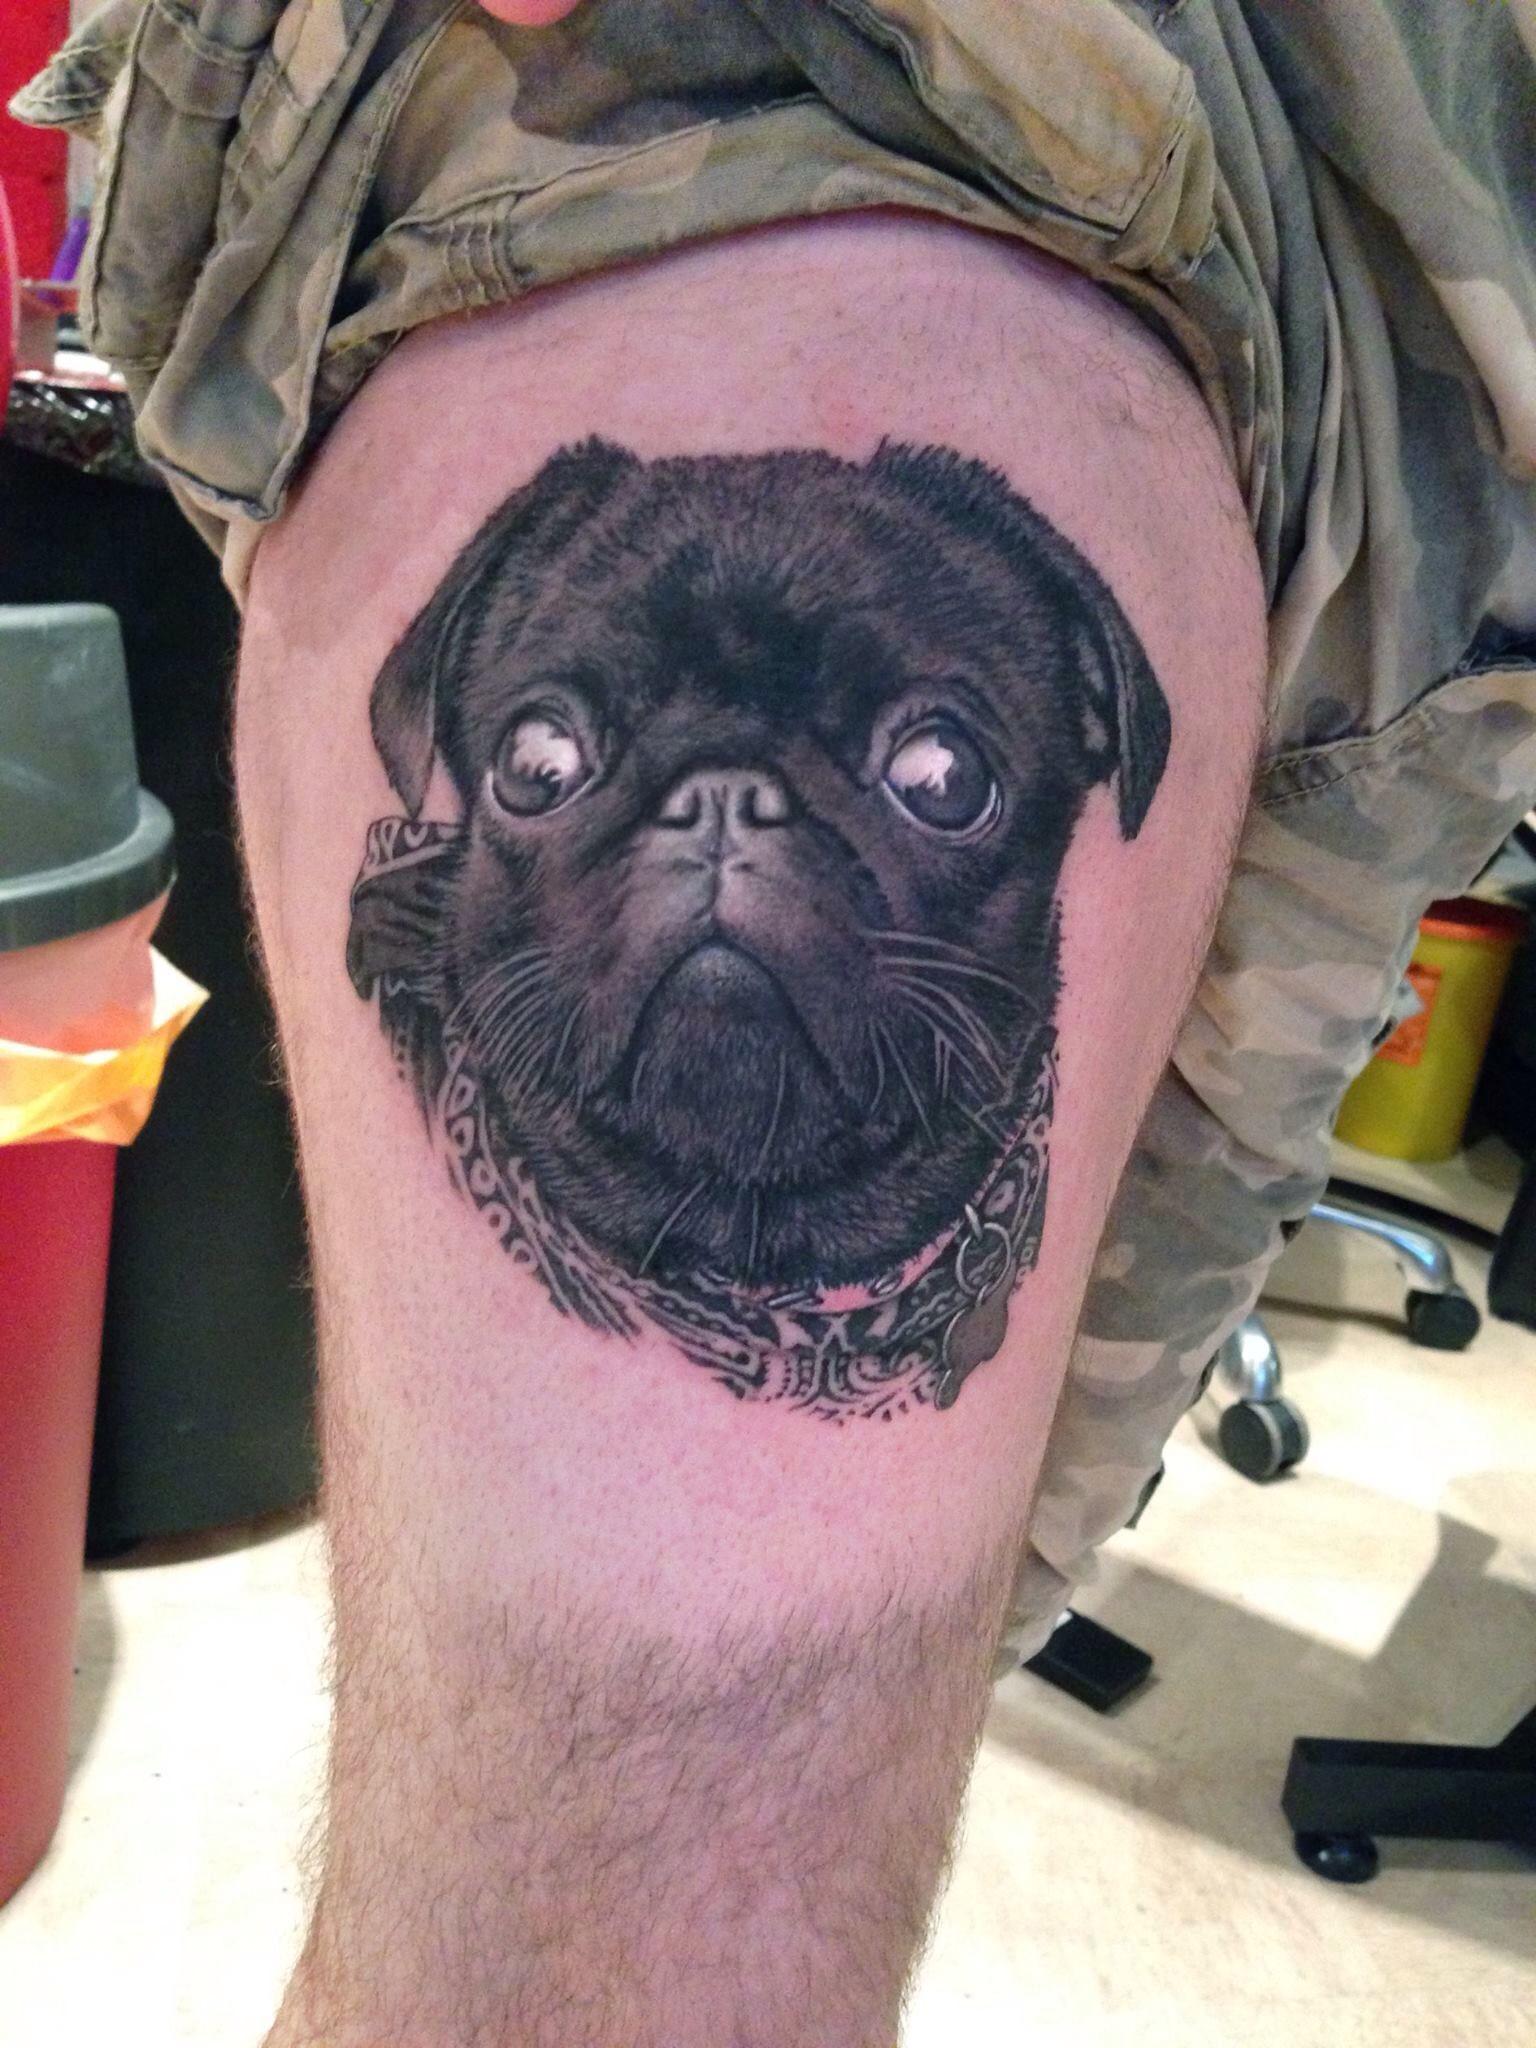 Amazing Pug Tat By Tattoo Artist David Corden Pug Tattoo Dog